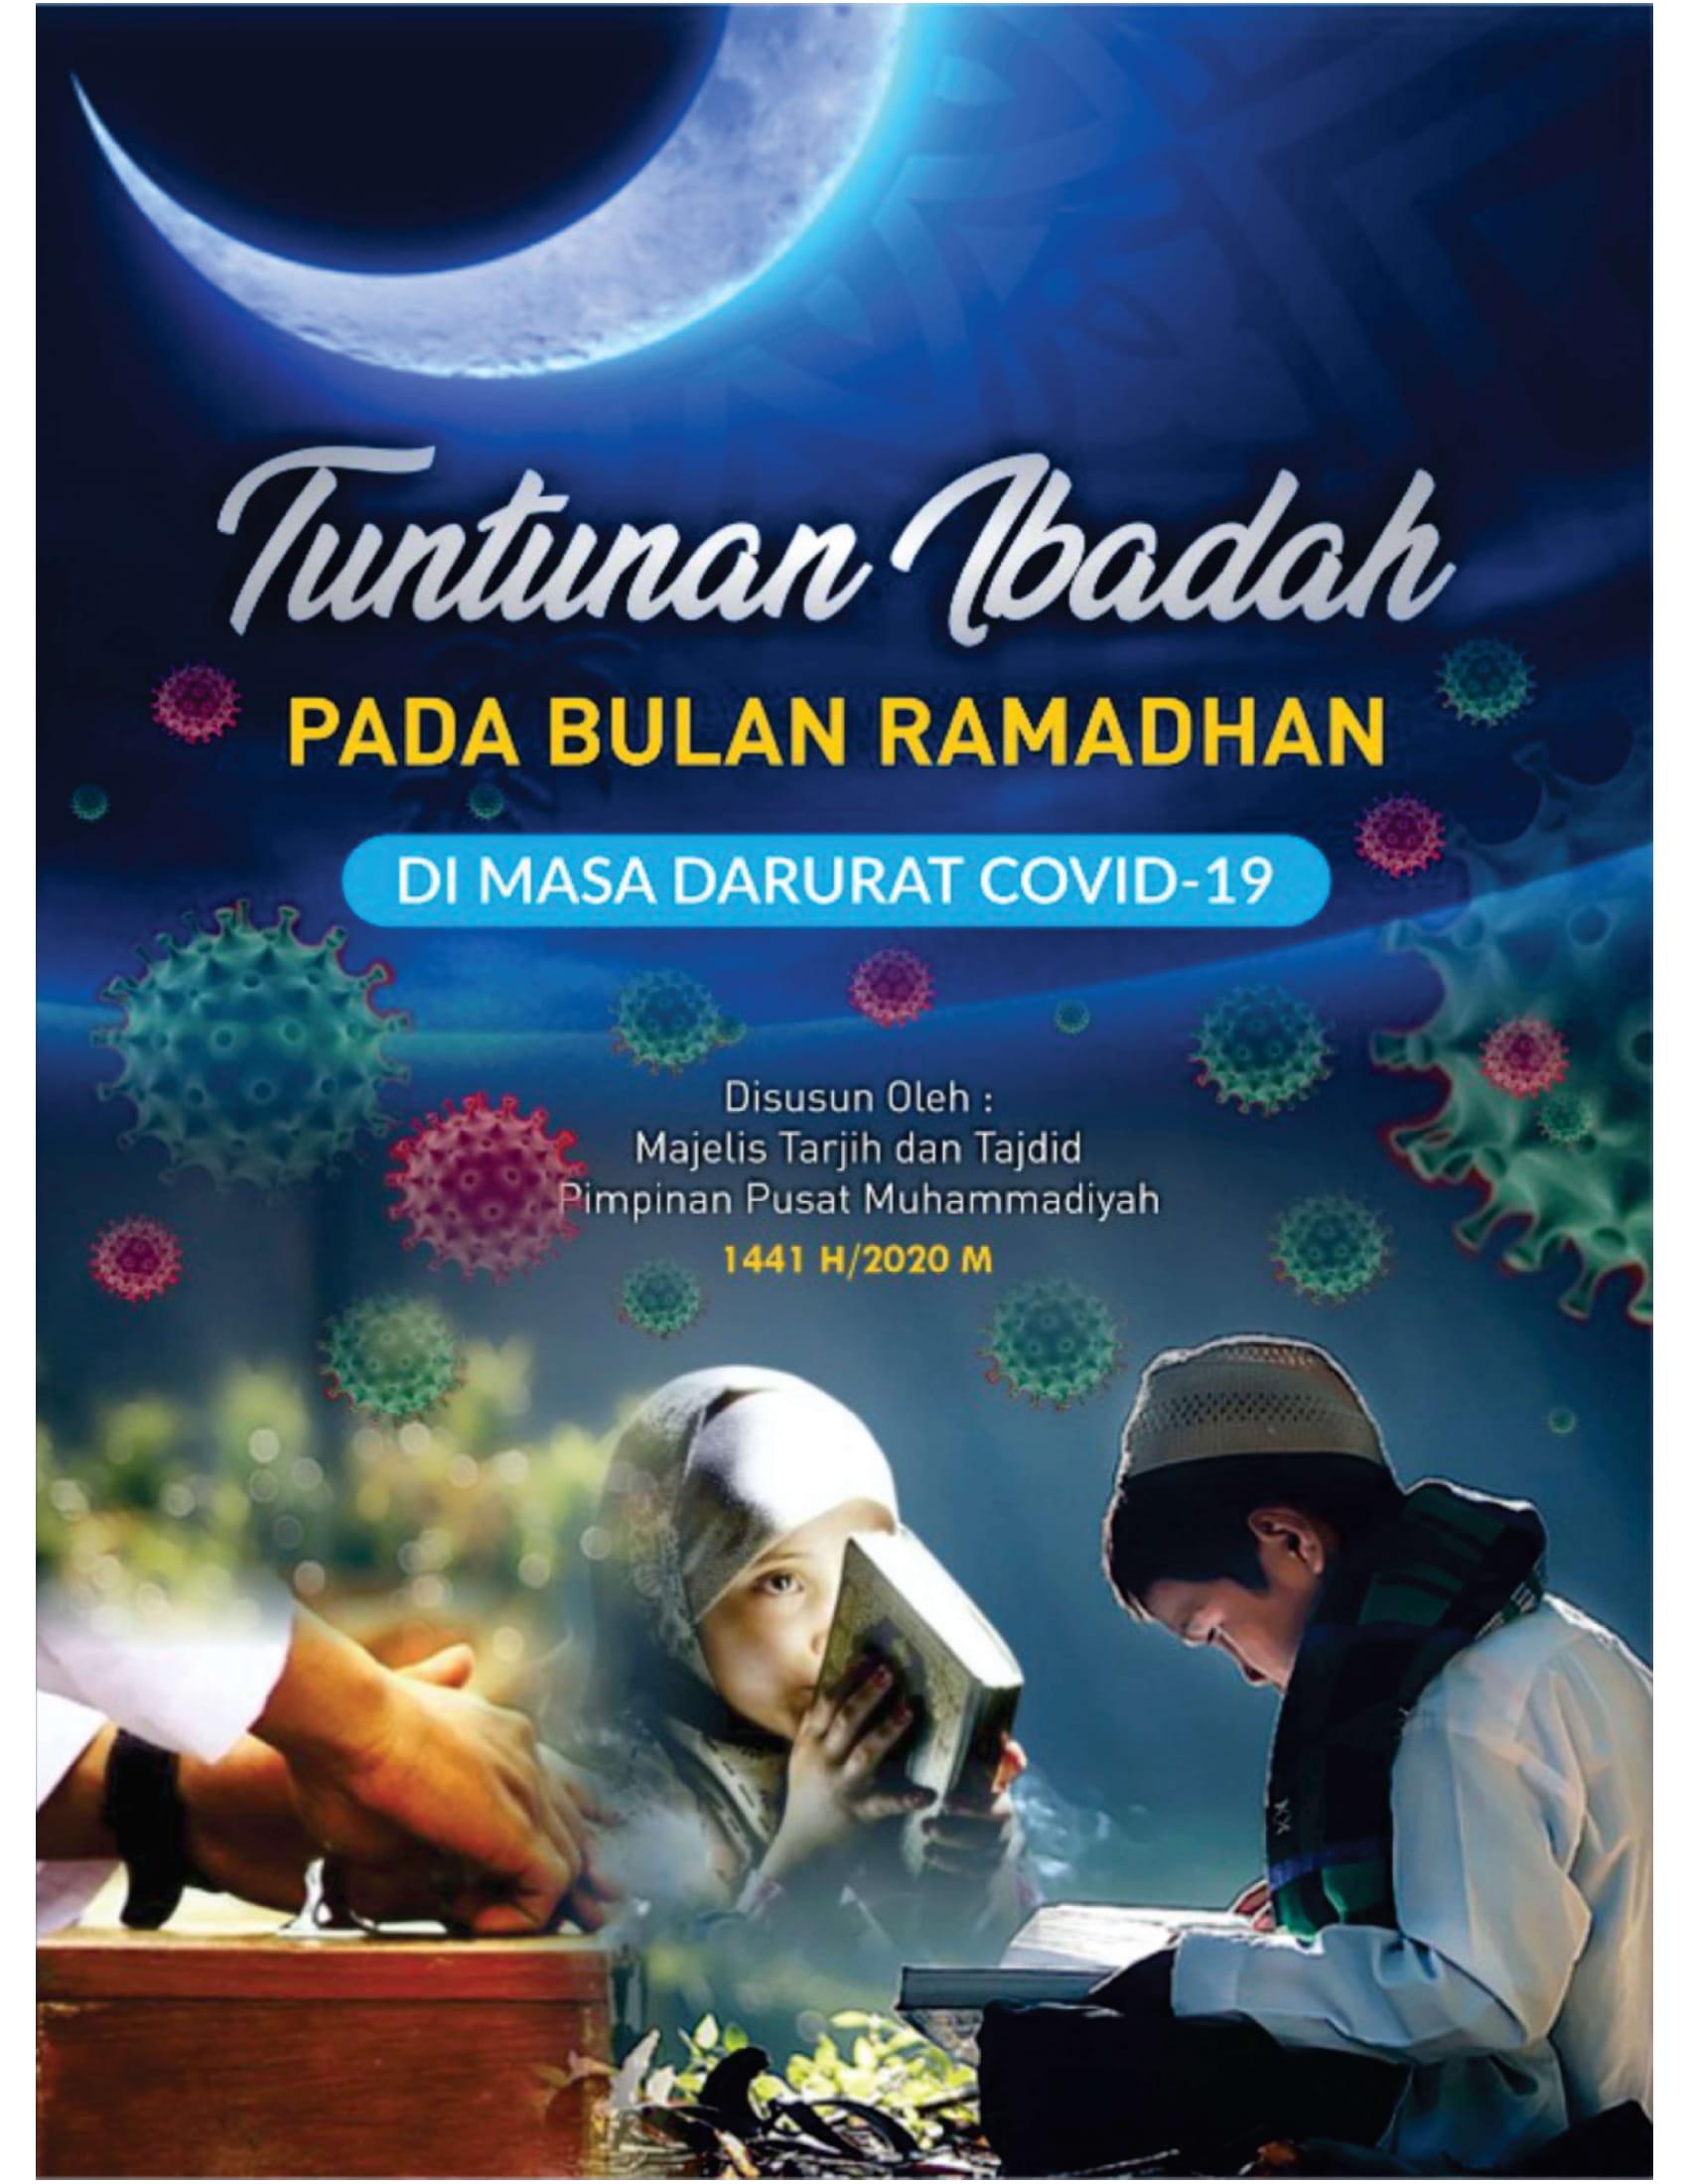 tuntunan ibadah ramadhan edisi corona